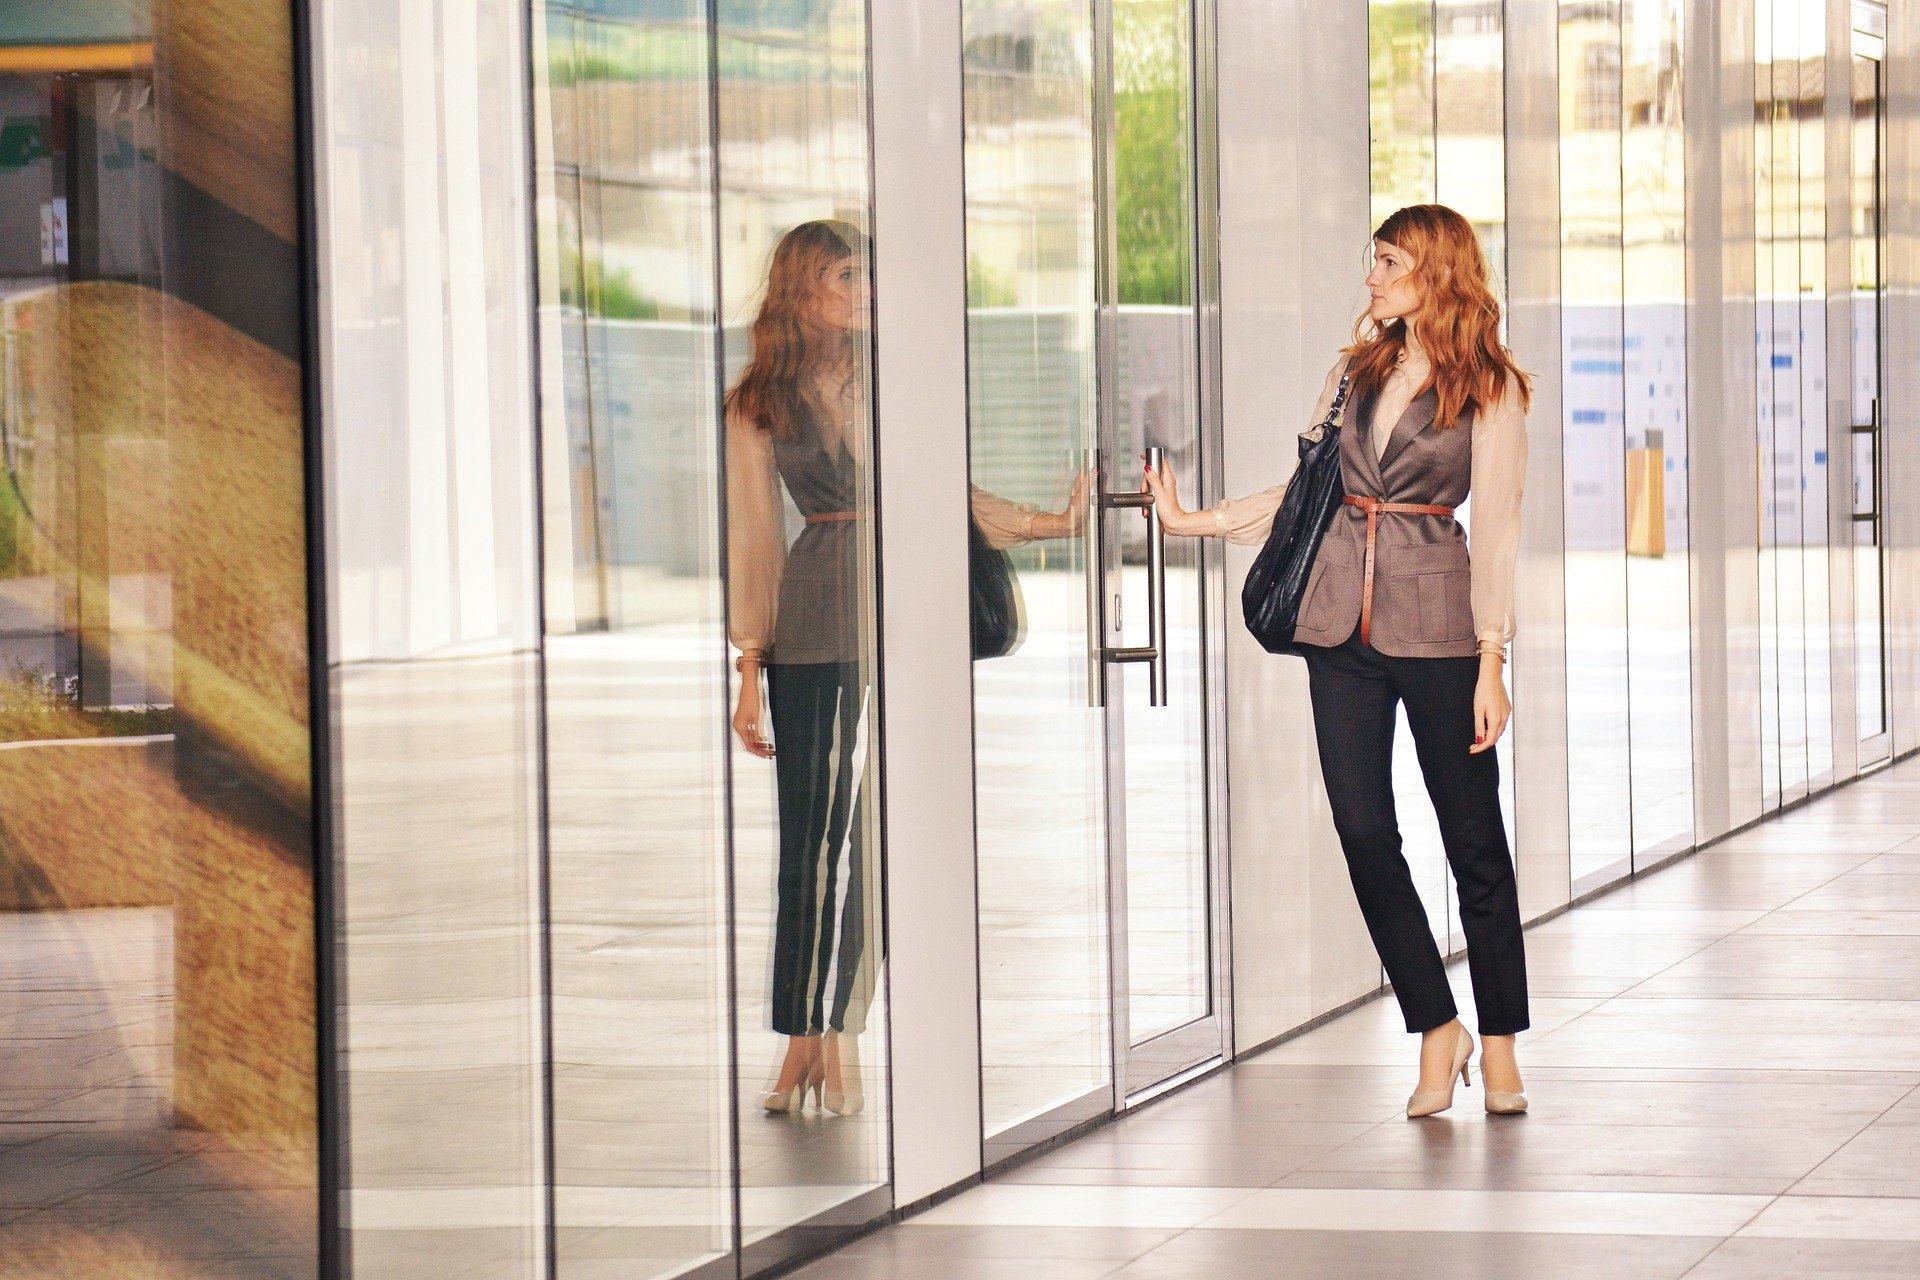 una donna che sta per entrare in una porta di un ufficio